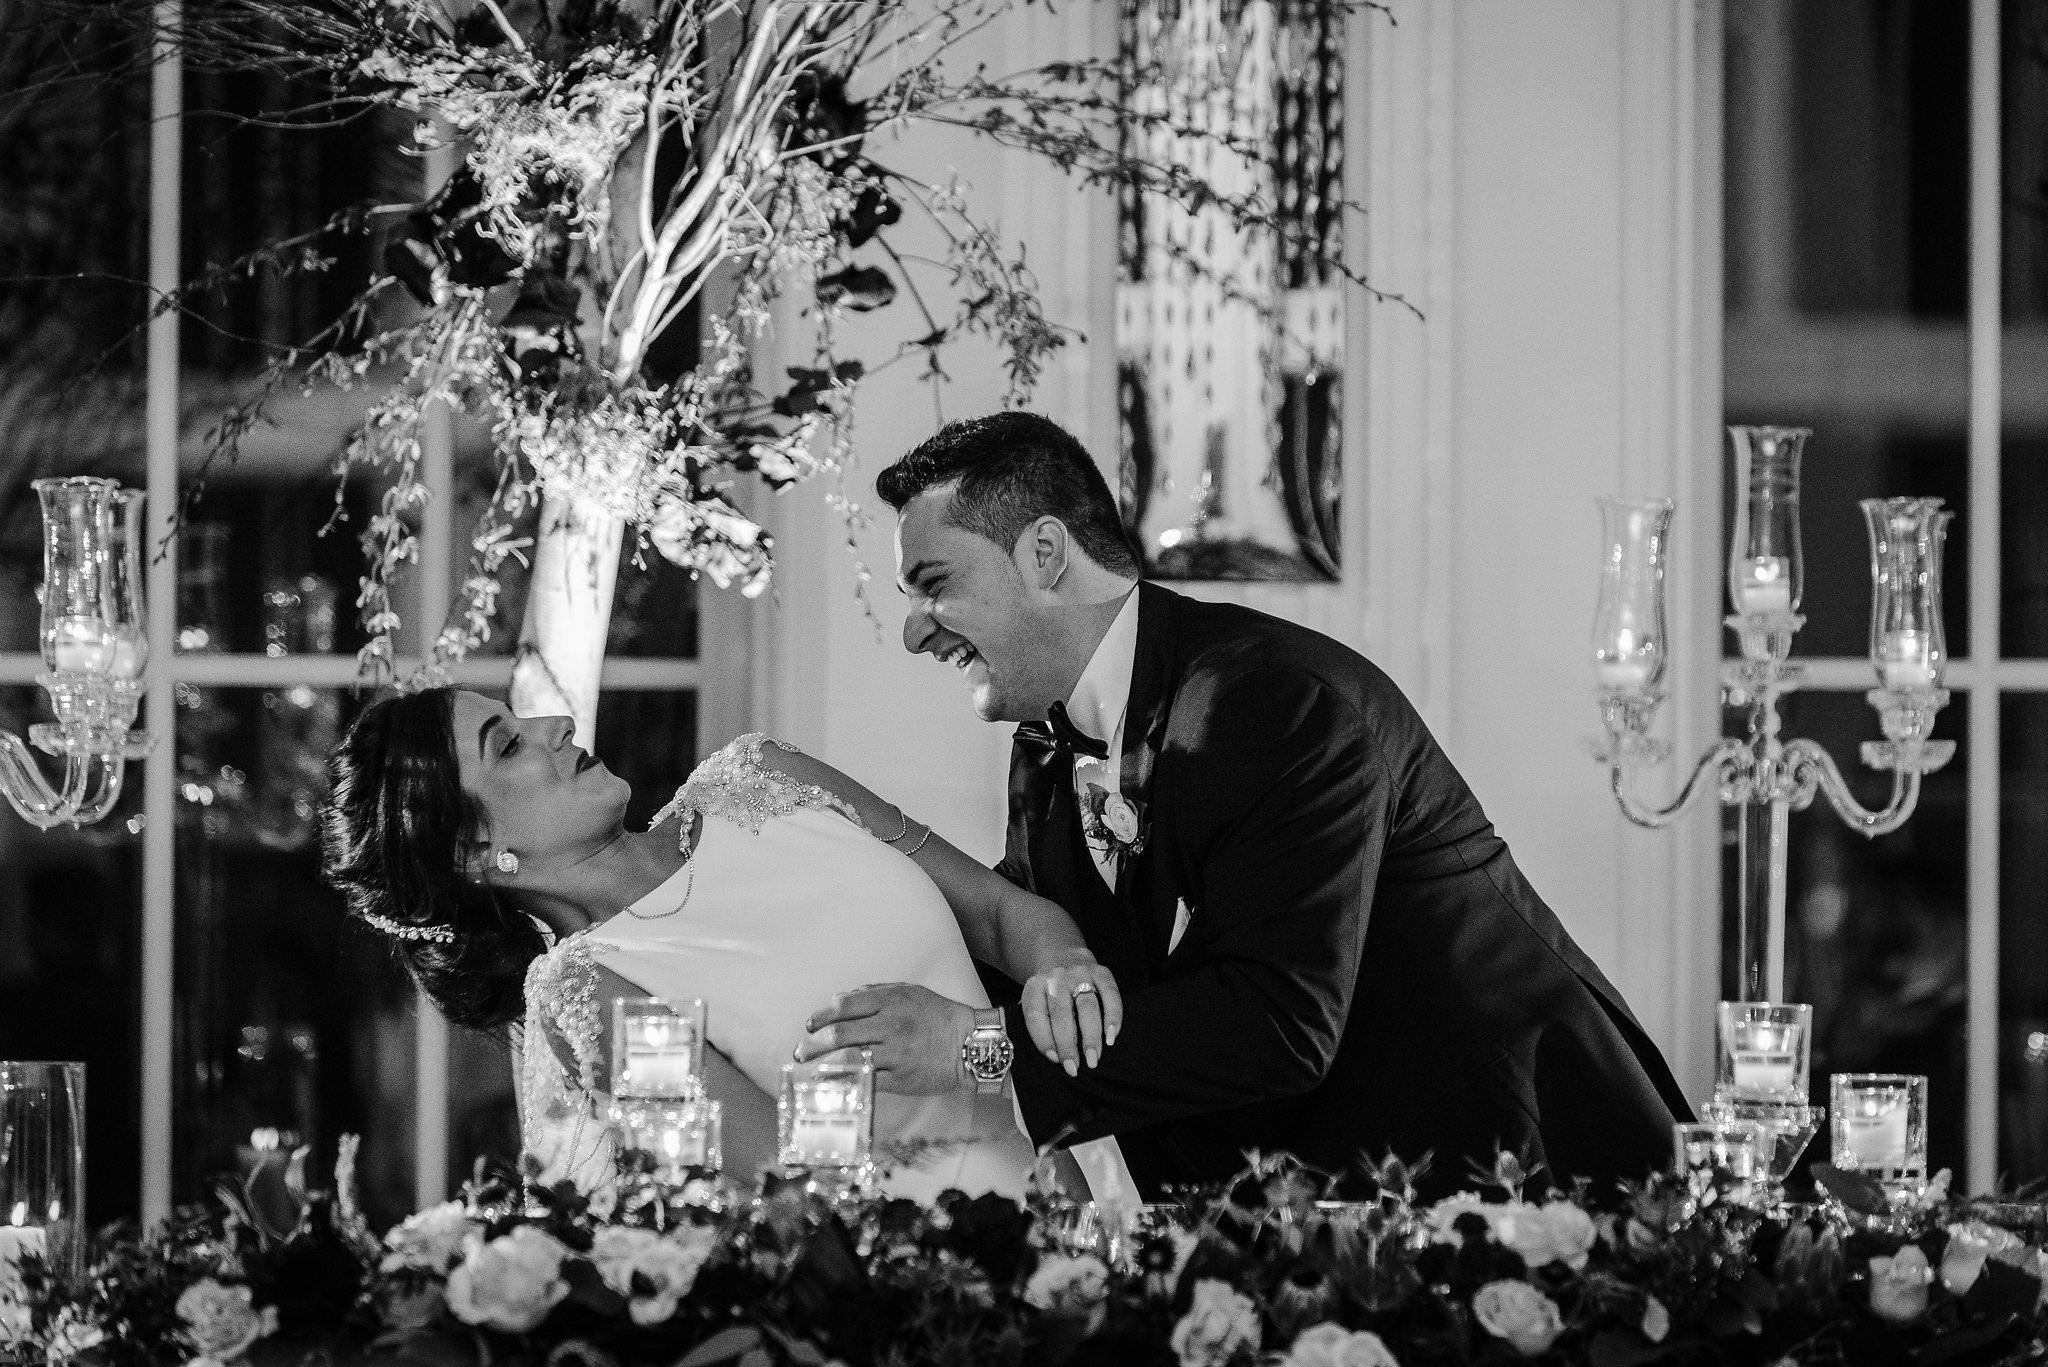 Rebecca Michael King Edward Hotel NYE Wedding Photos 678 - King Edward Hotel Wedding Photos